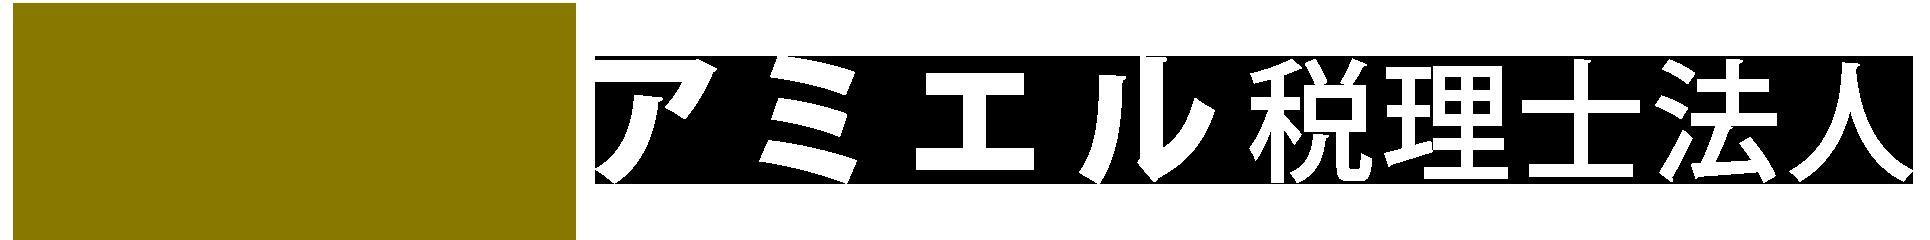 アミエル税理士法人